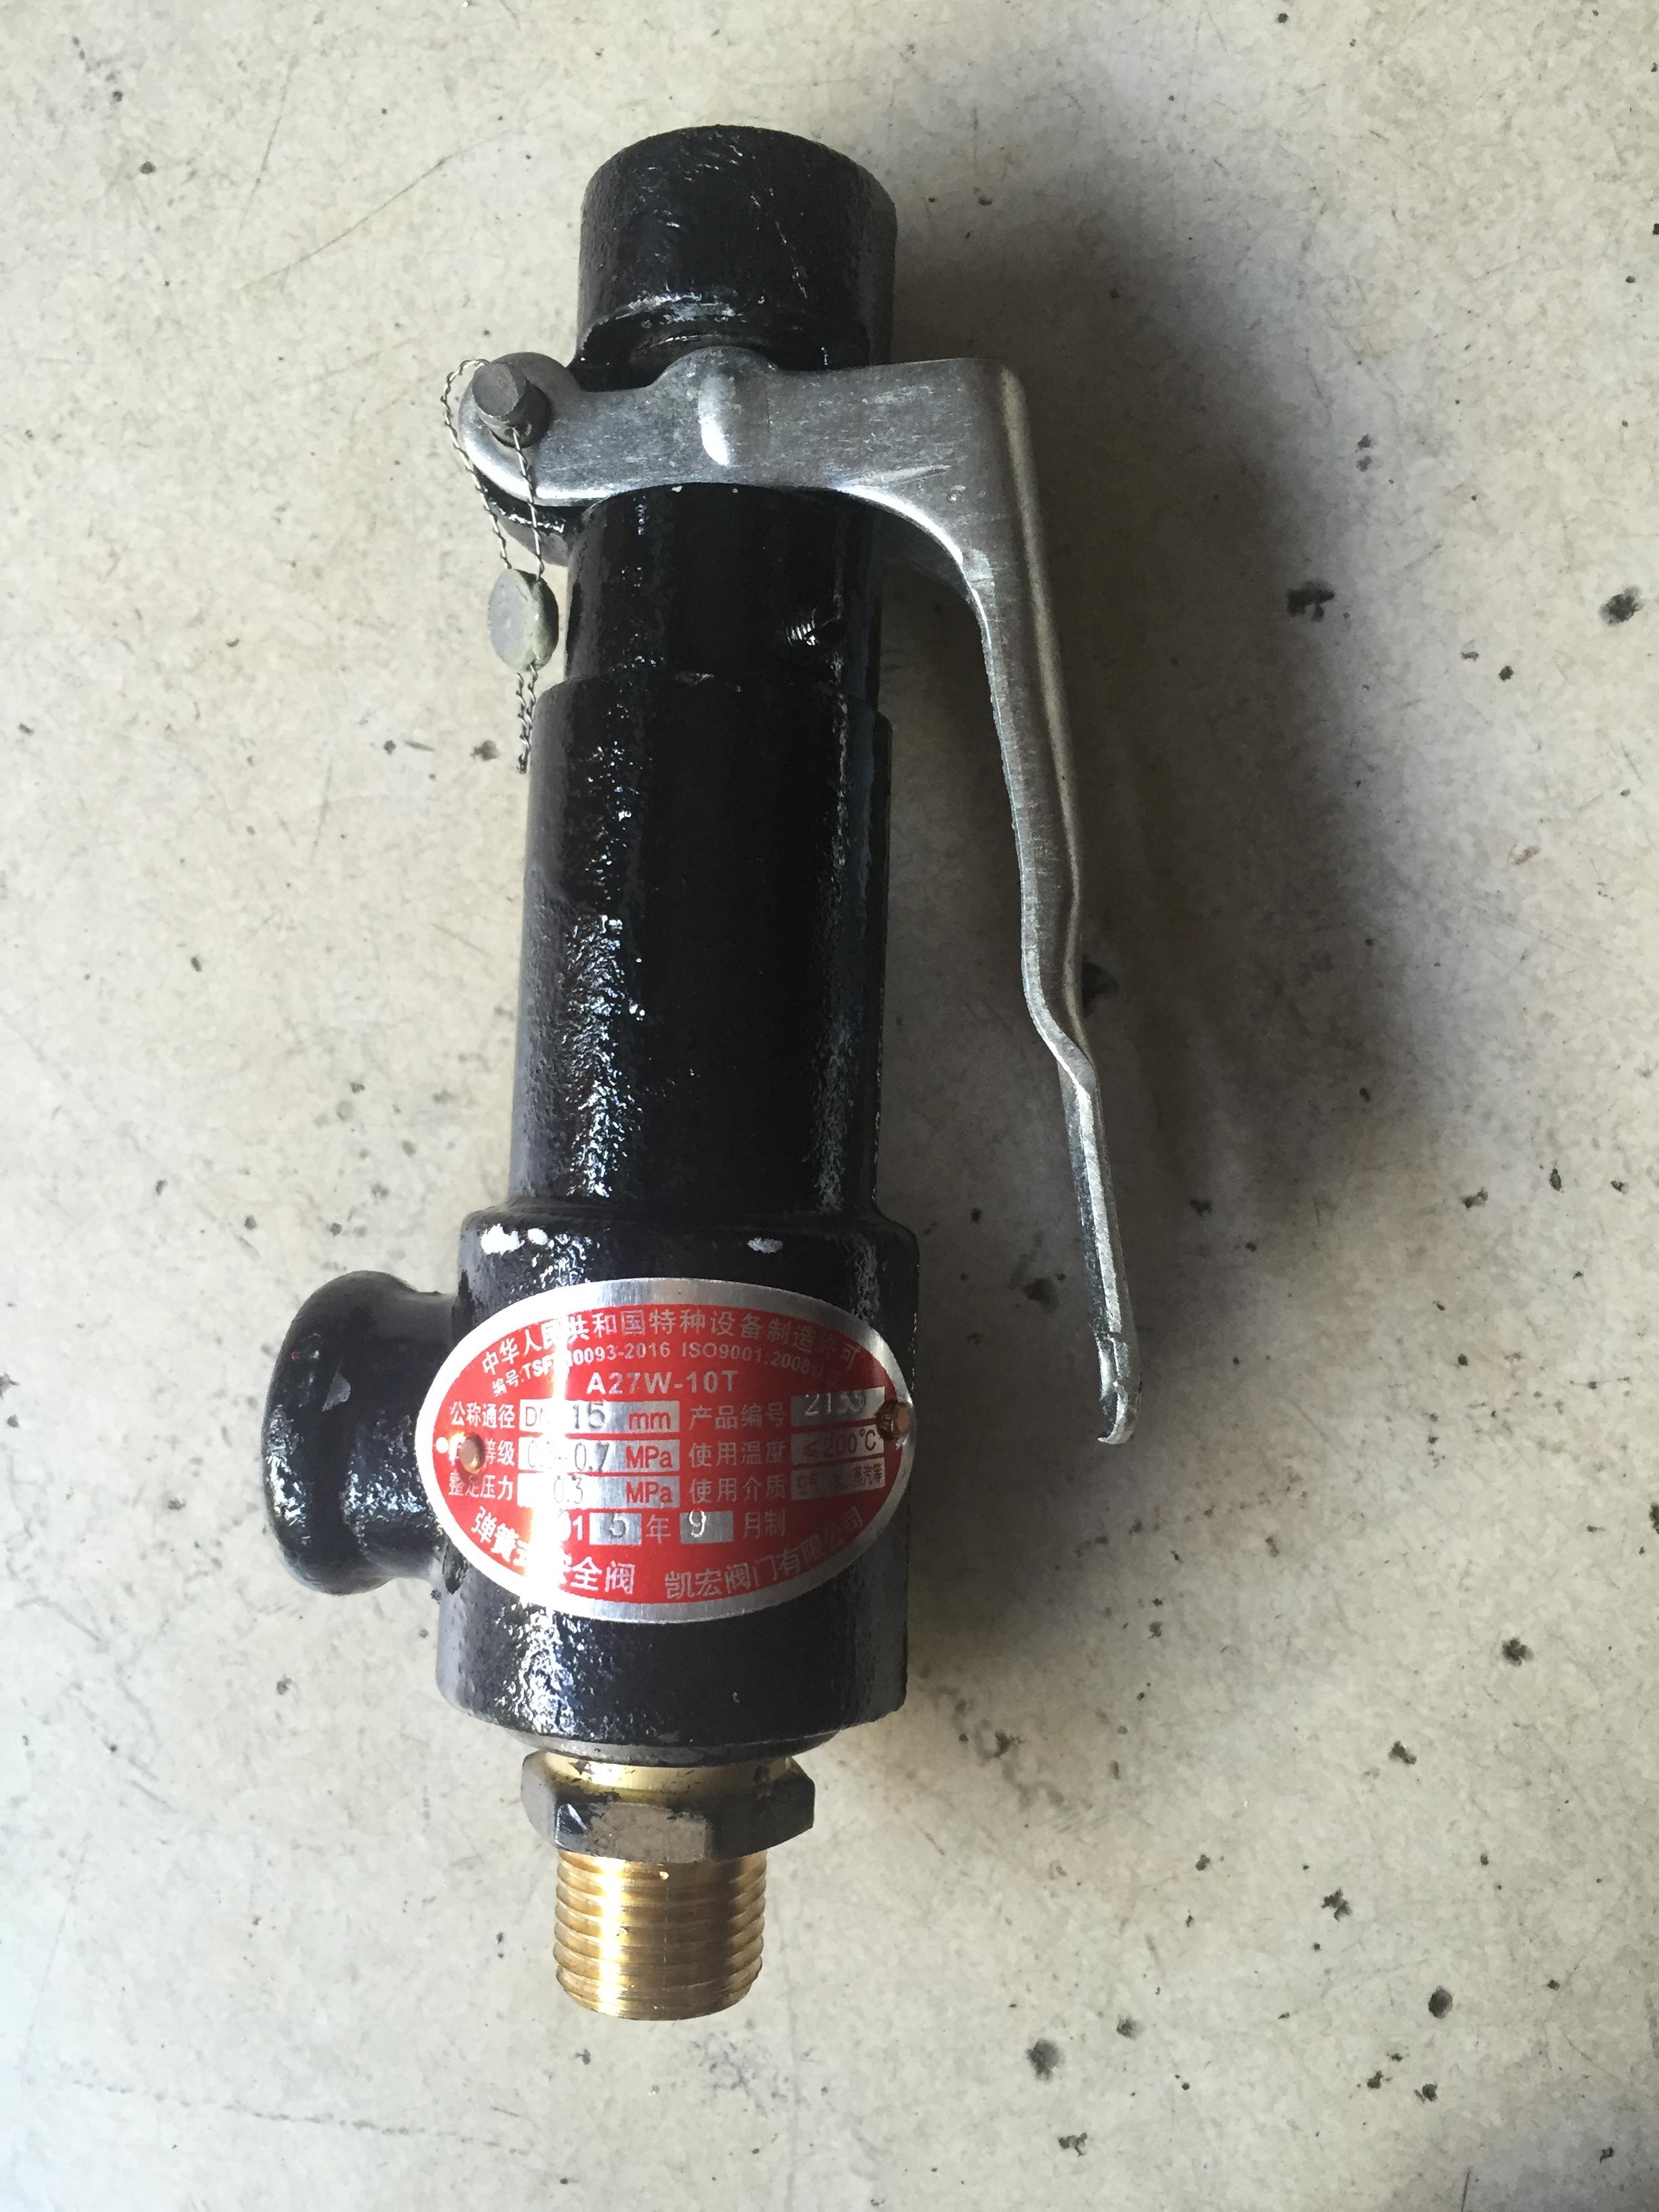 Placa de ferro fundido A27W-10T kaihong para micro e pequenos FIOs de tanque de gás válvulas de segurança 2 polegadas.